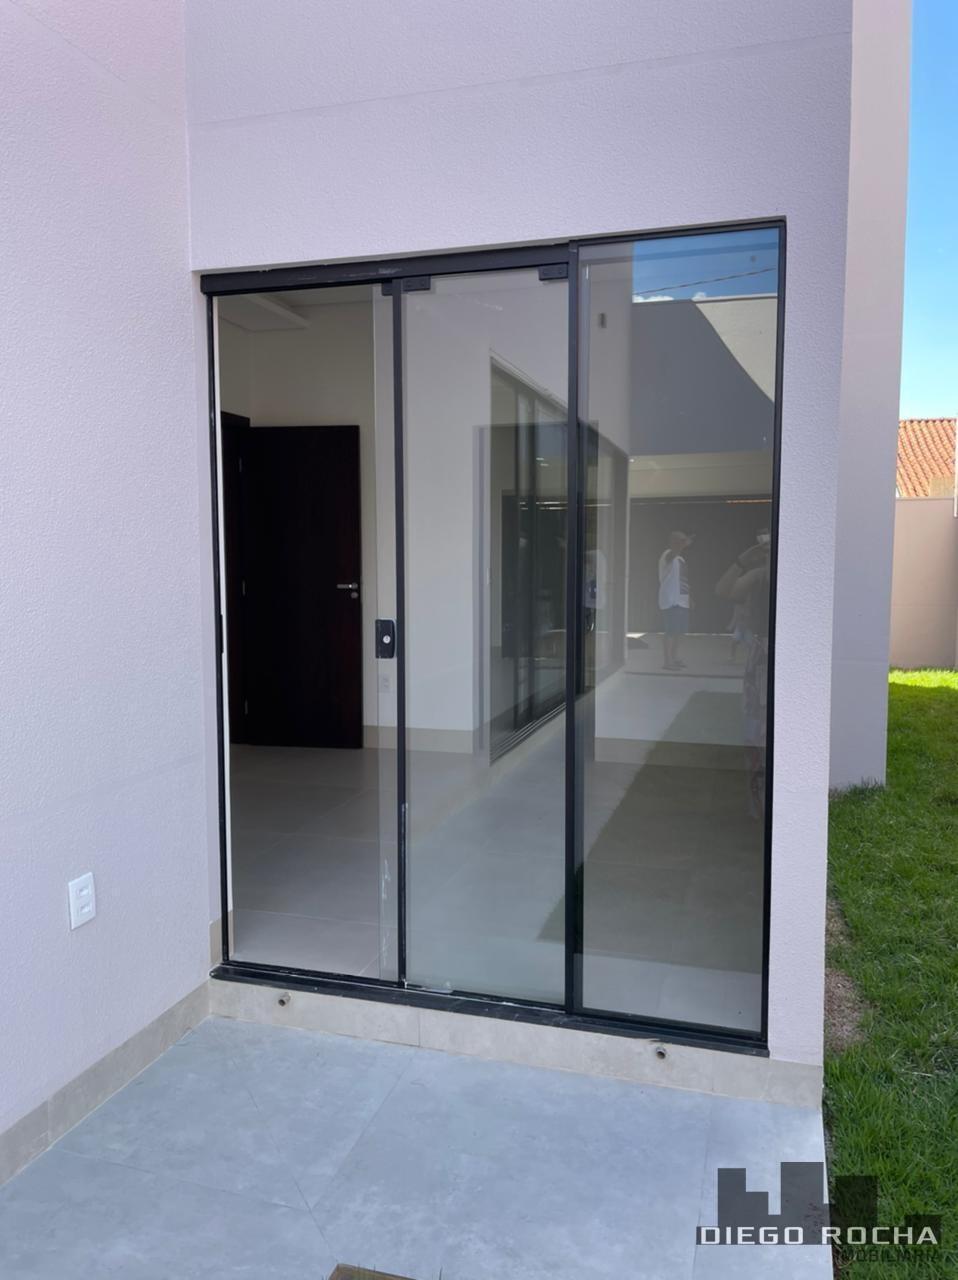 imoveis/2021/04/casa-de-alvenaria-excelente-imovel-venda-2636-2636-15-1619457660.jpg